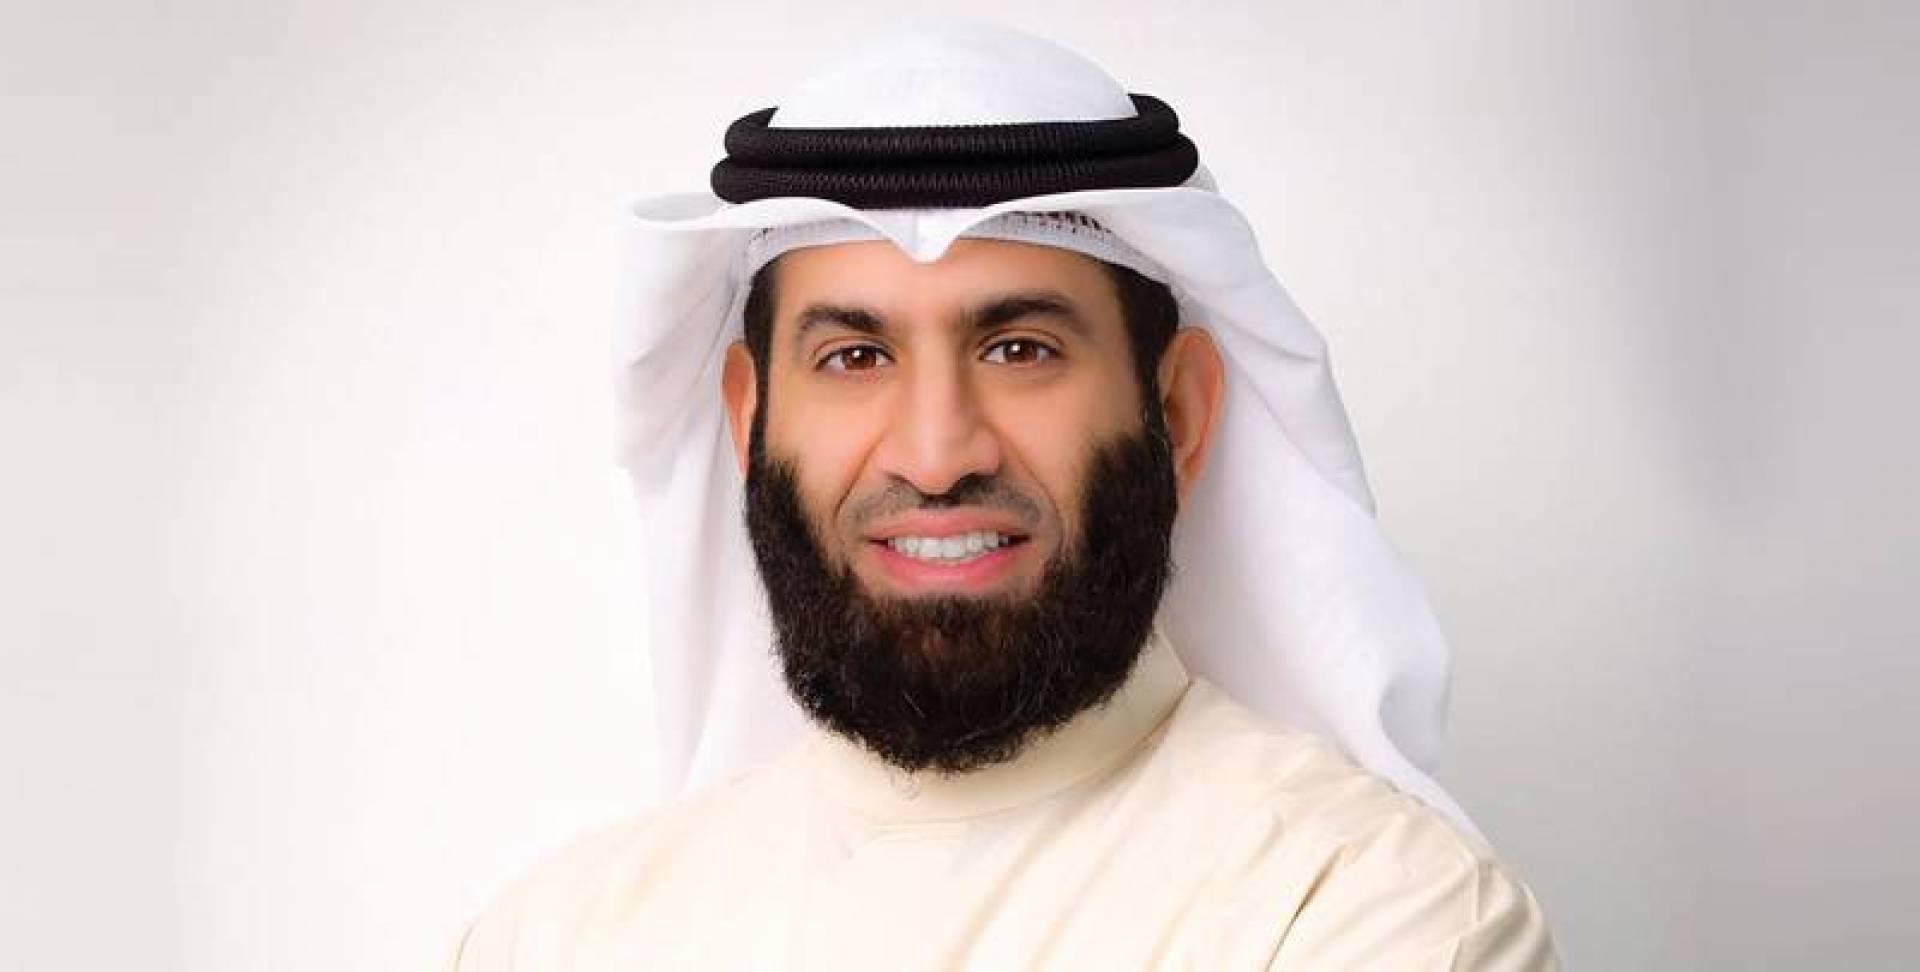 د. عبدالله البدر